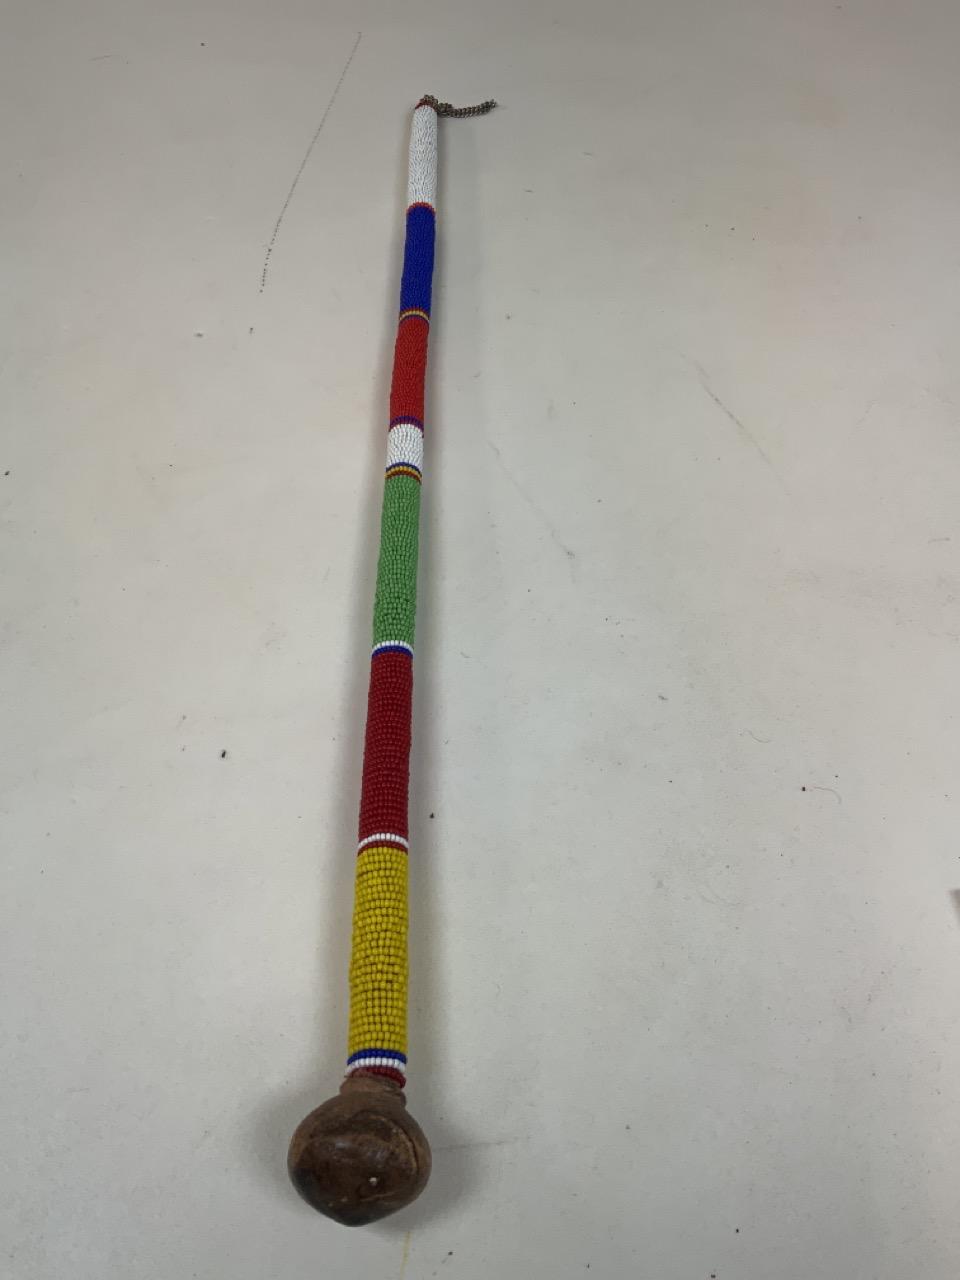 A Masai beaded stick Length 62cm - Image 3 of 3